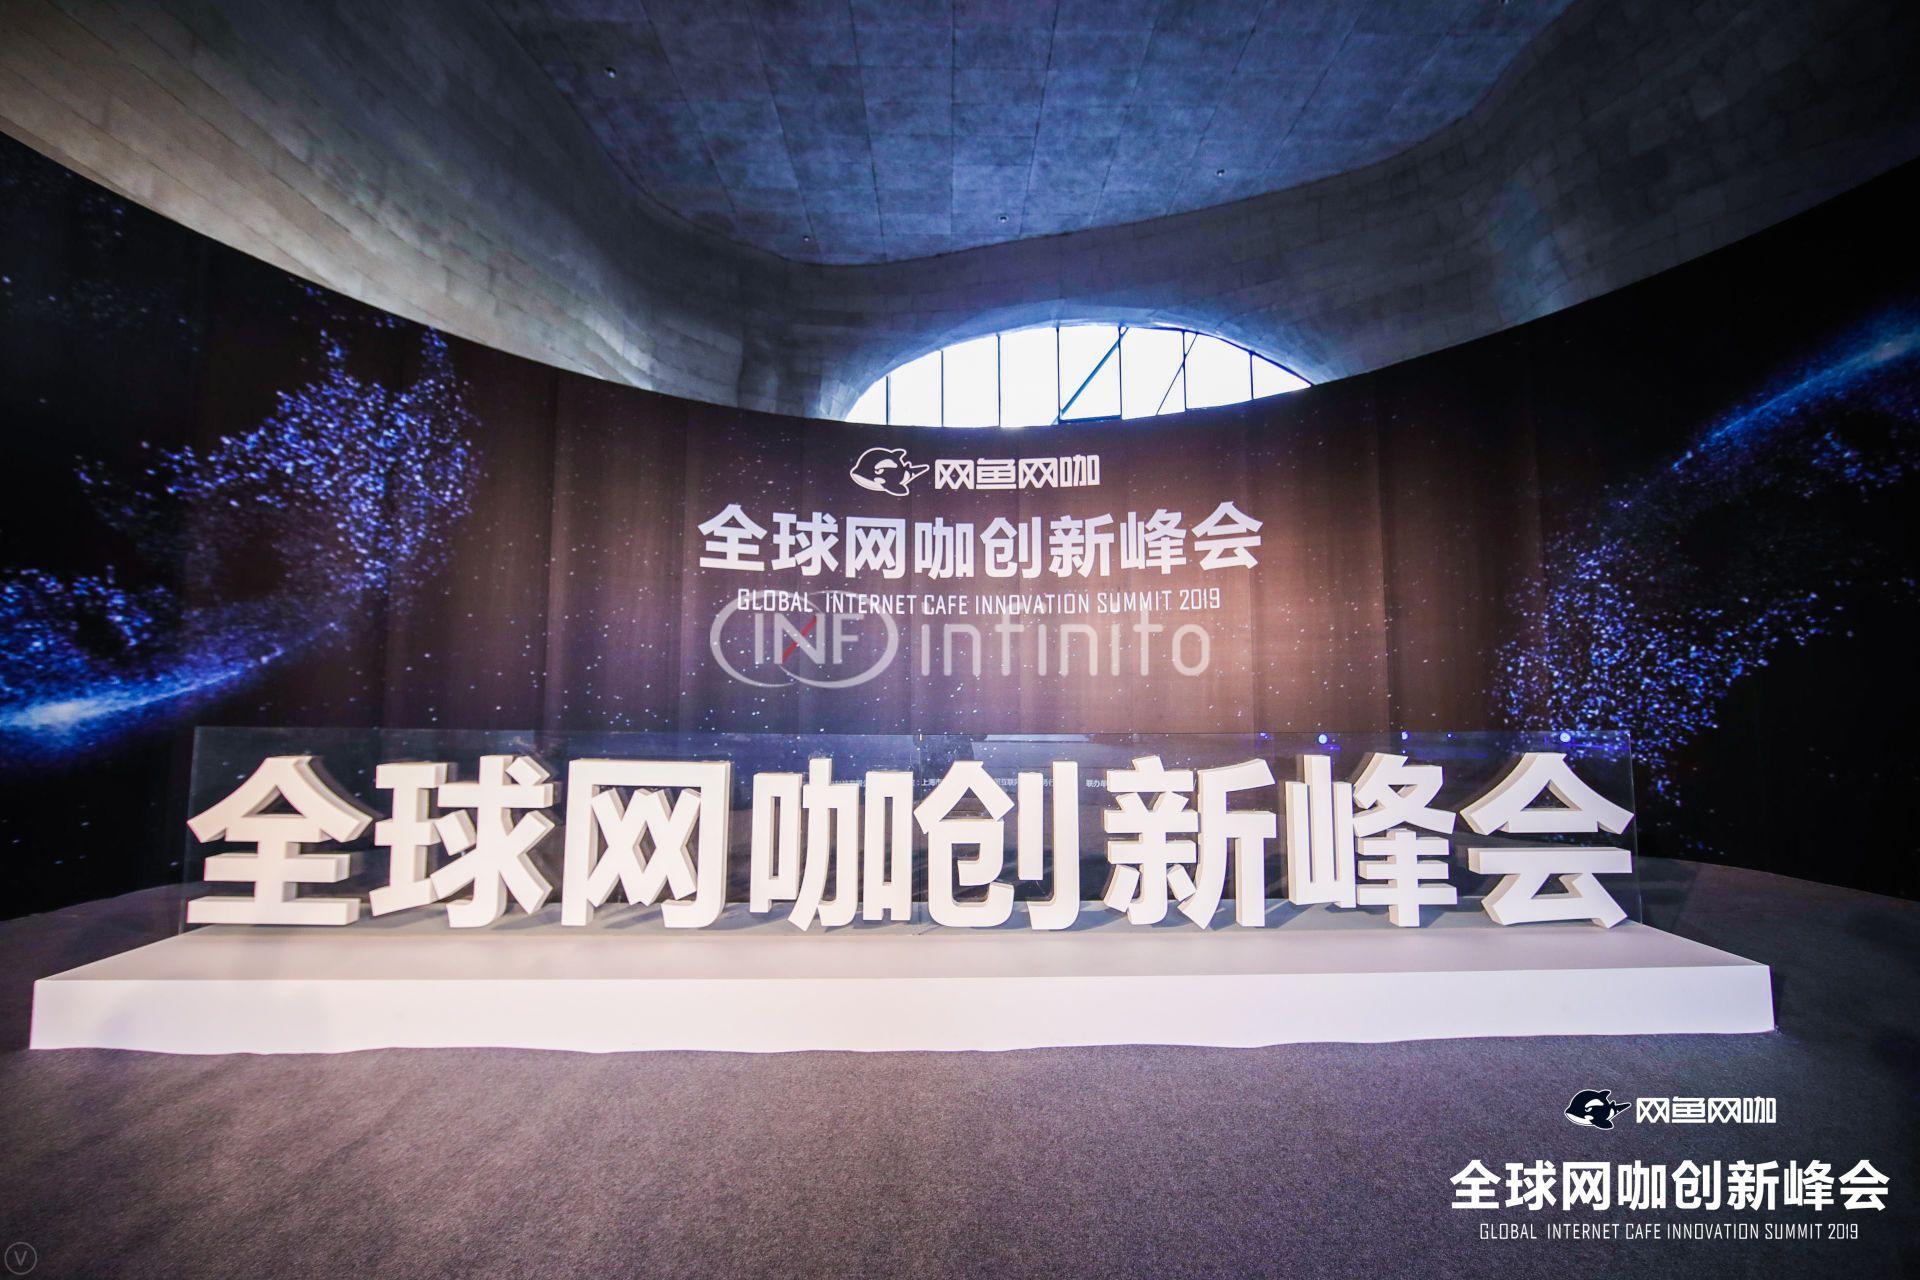 2019网鱼网咖全球网咖创新峰会